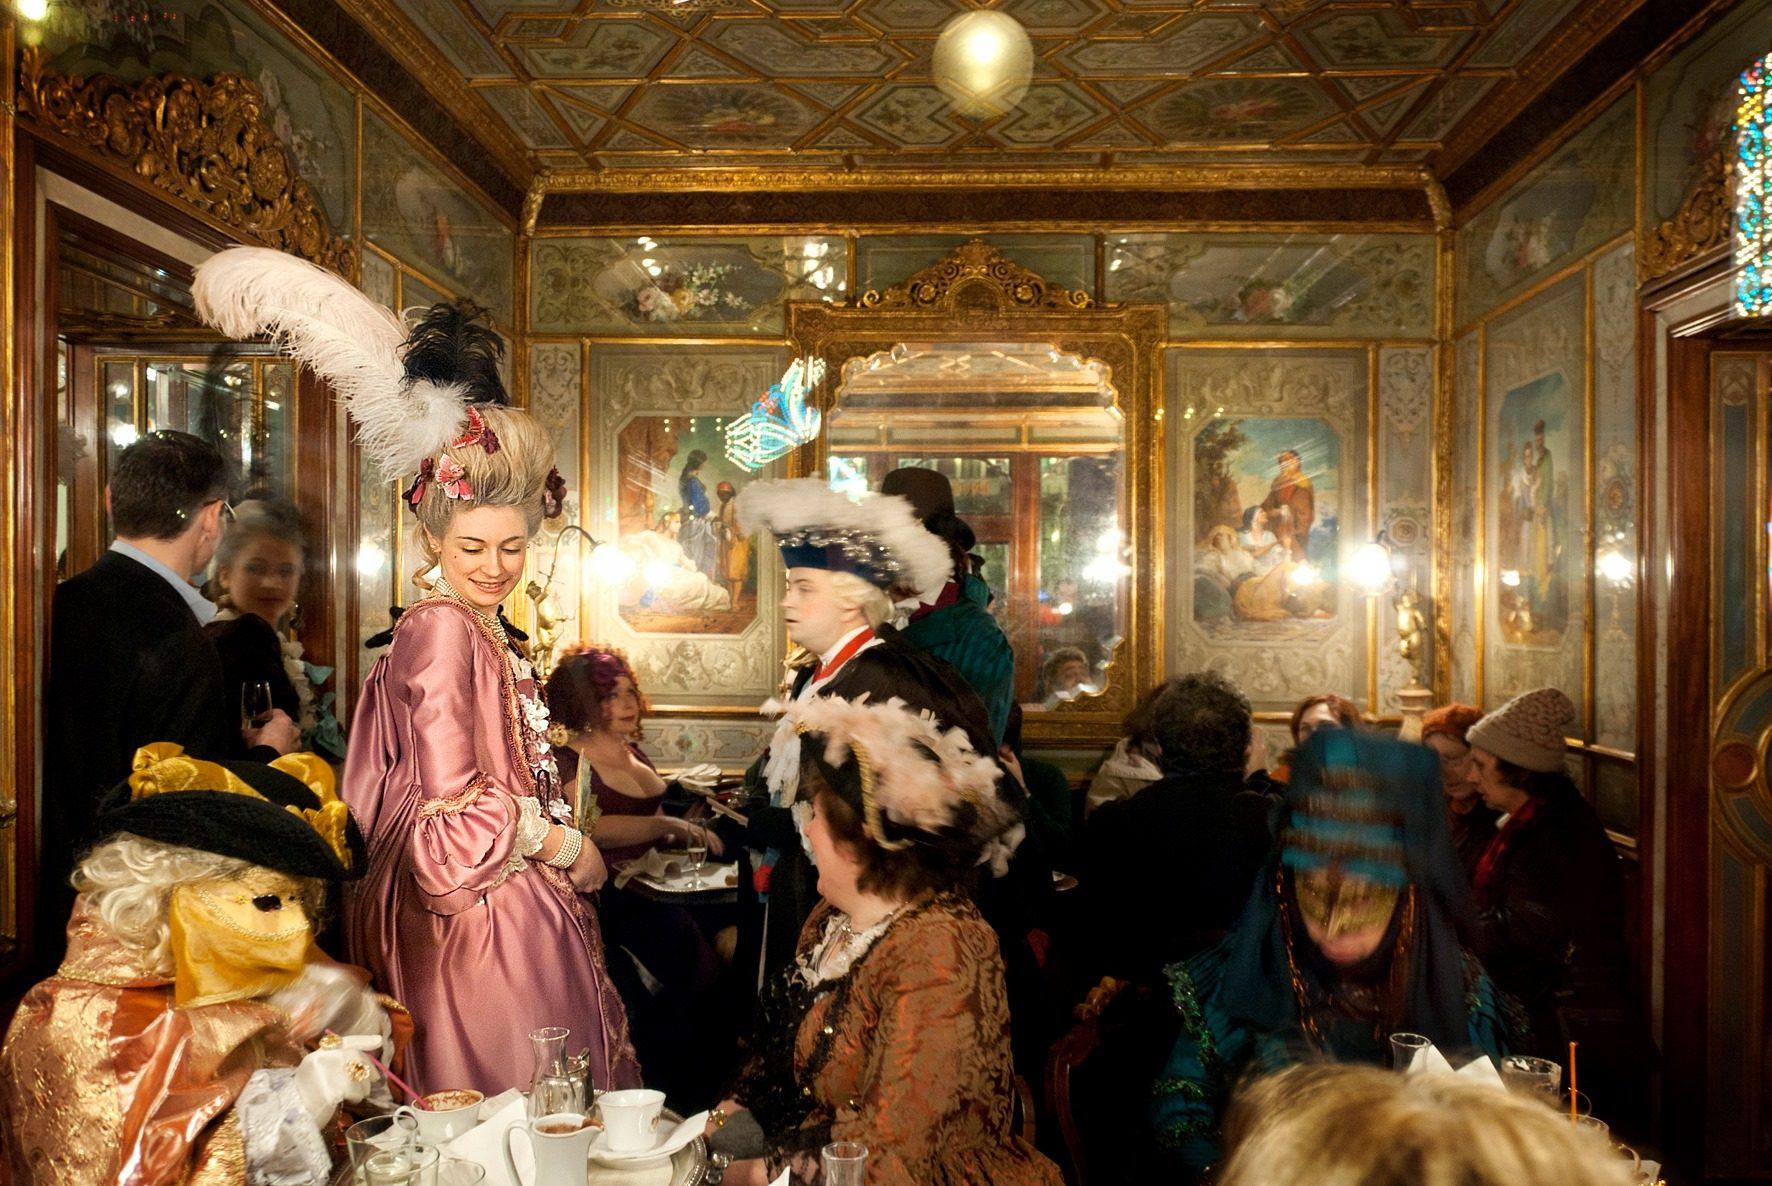 Il Caffè Florian di Venezia compie 300 anni, è il bar più antico del mondo